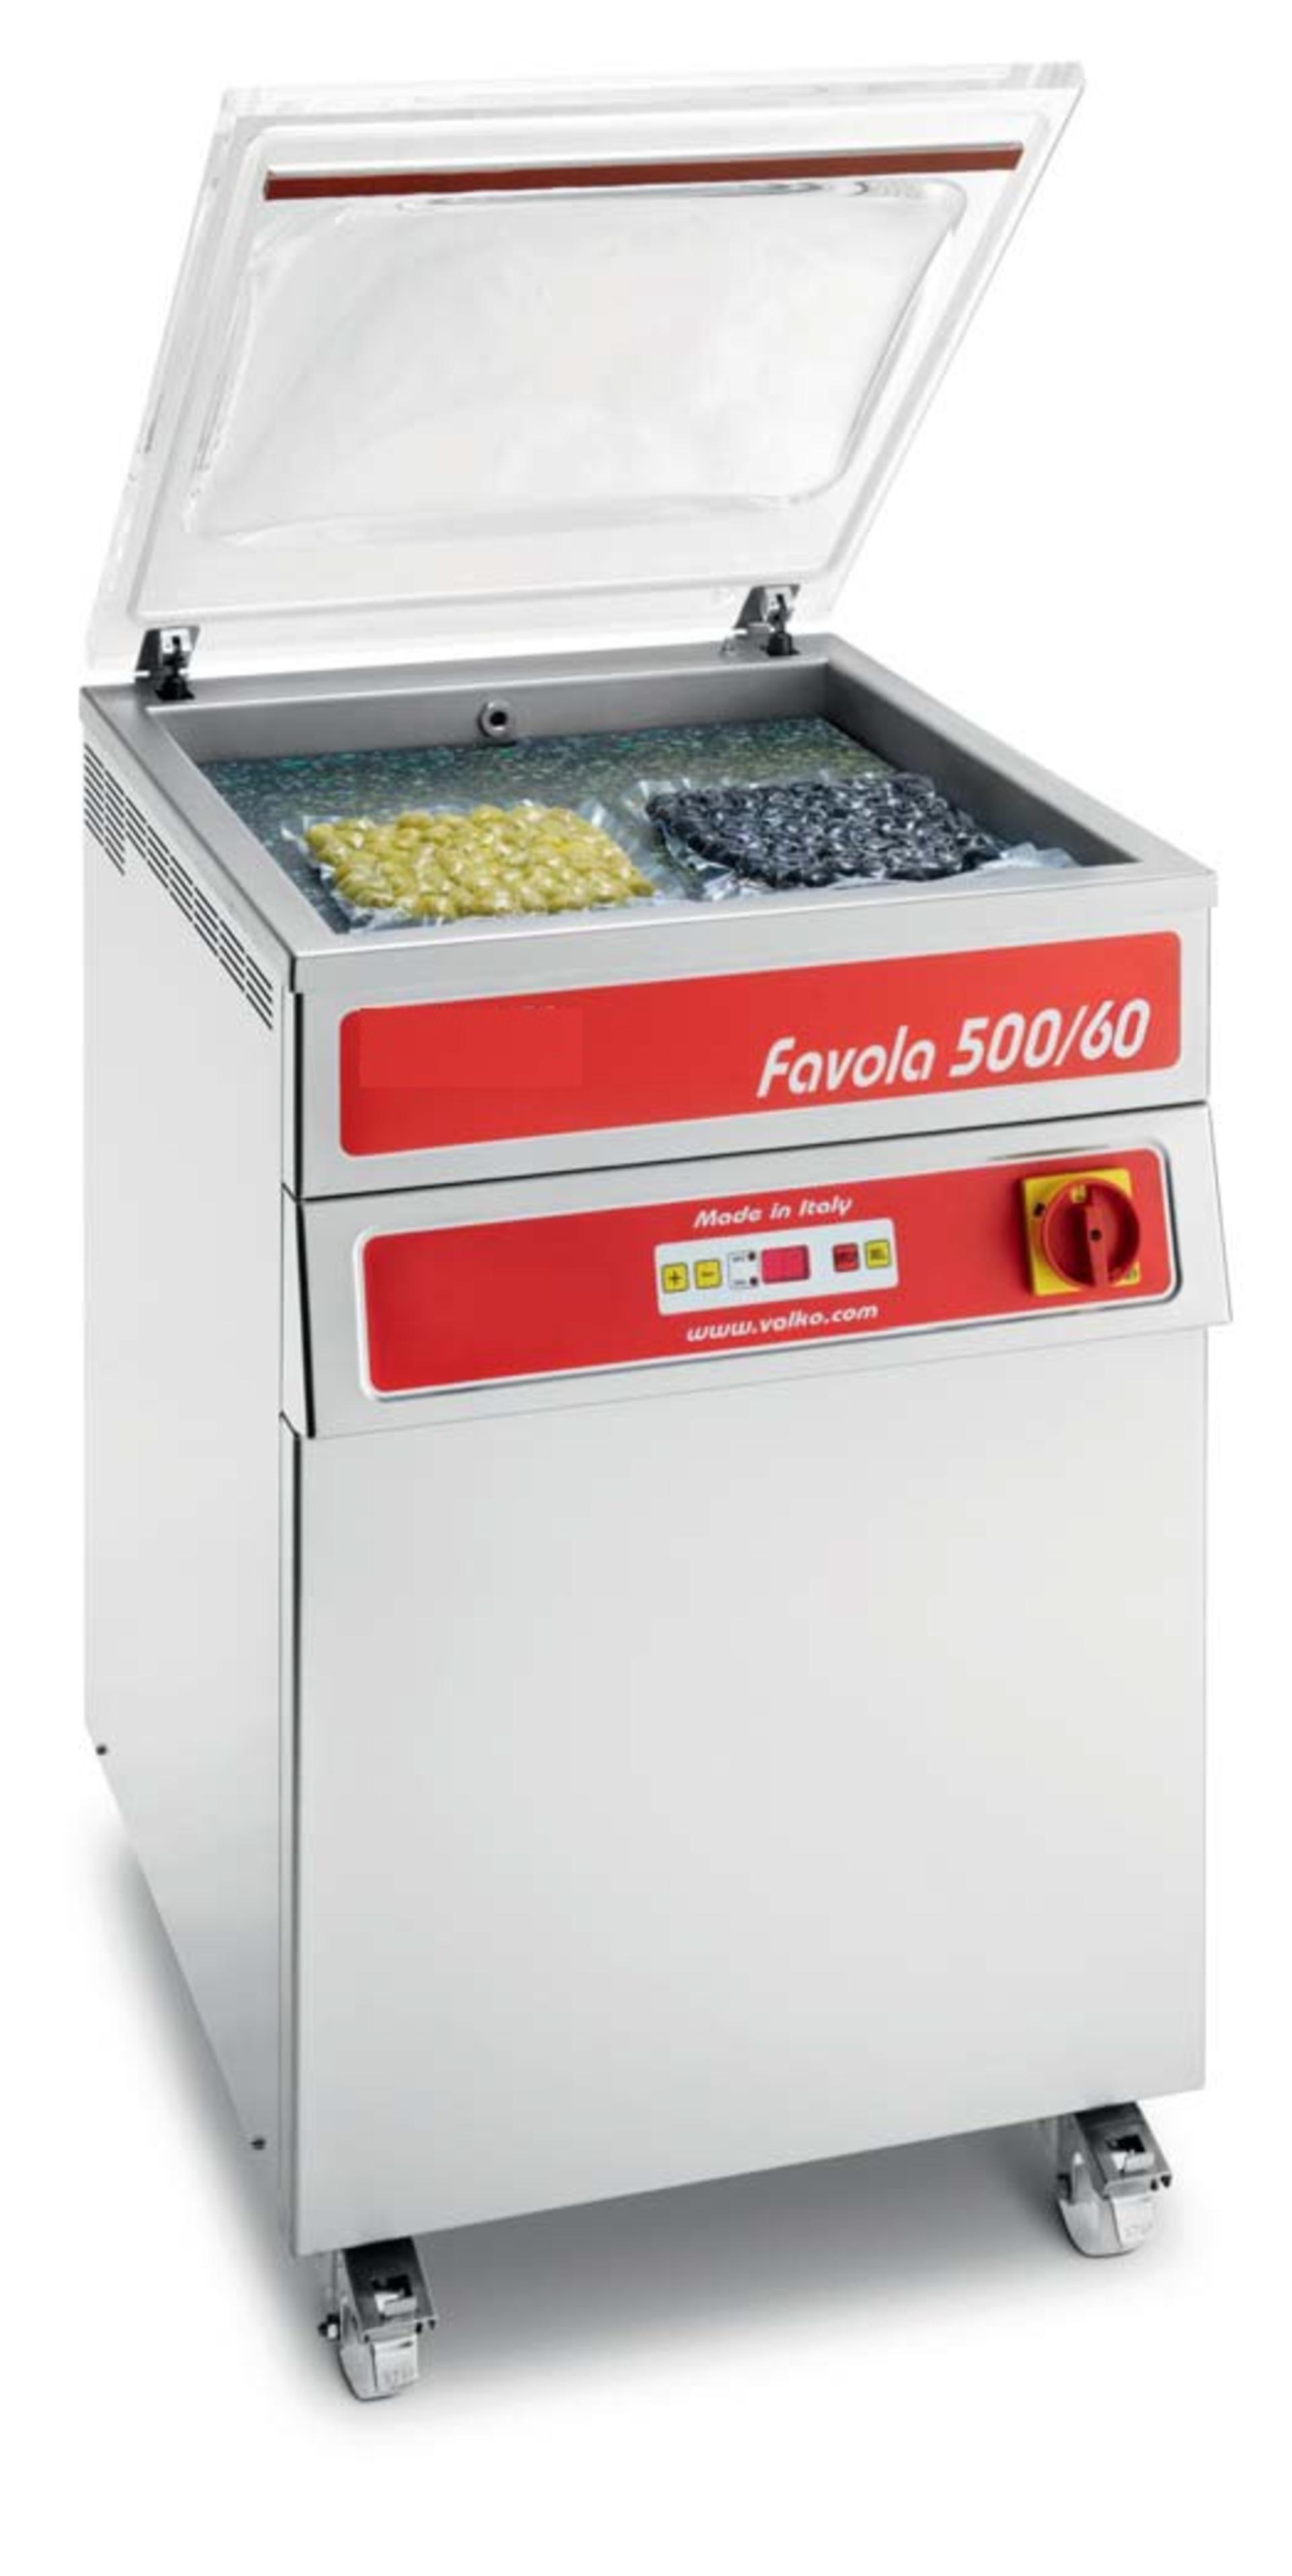 Vakuum-Maschine Favola 500